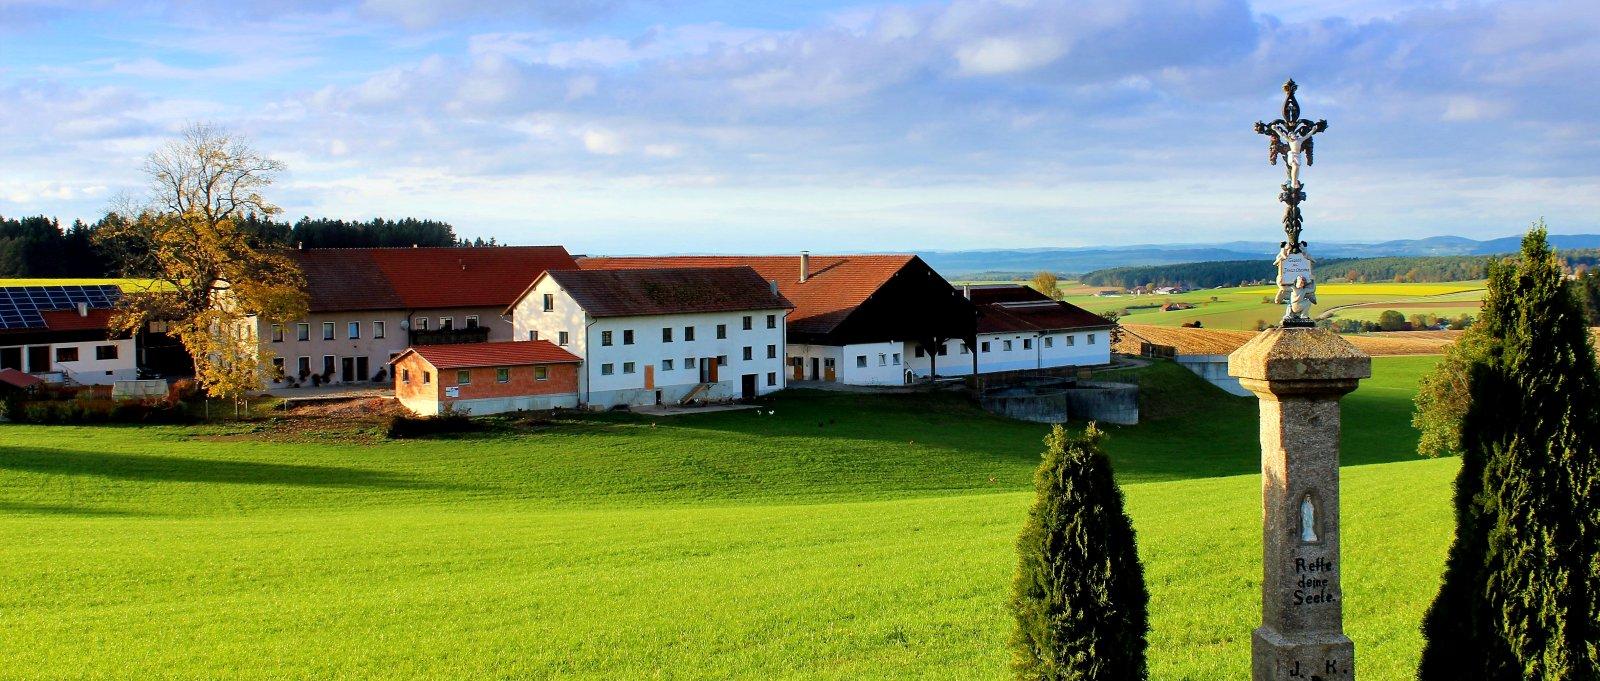 Erlebnisbauernhof Guthof – Kontakt